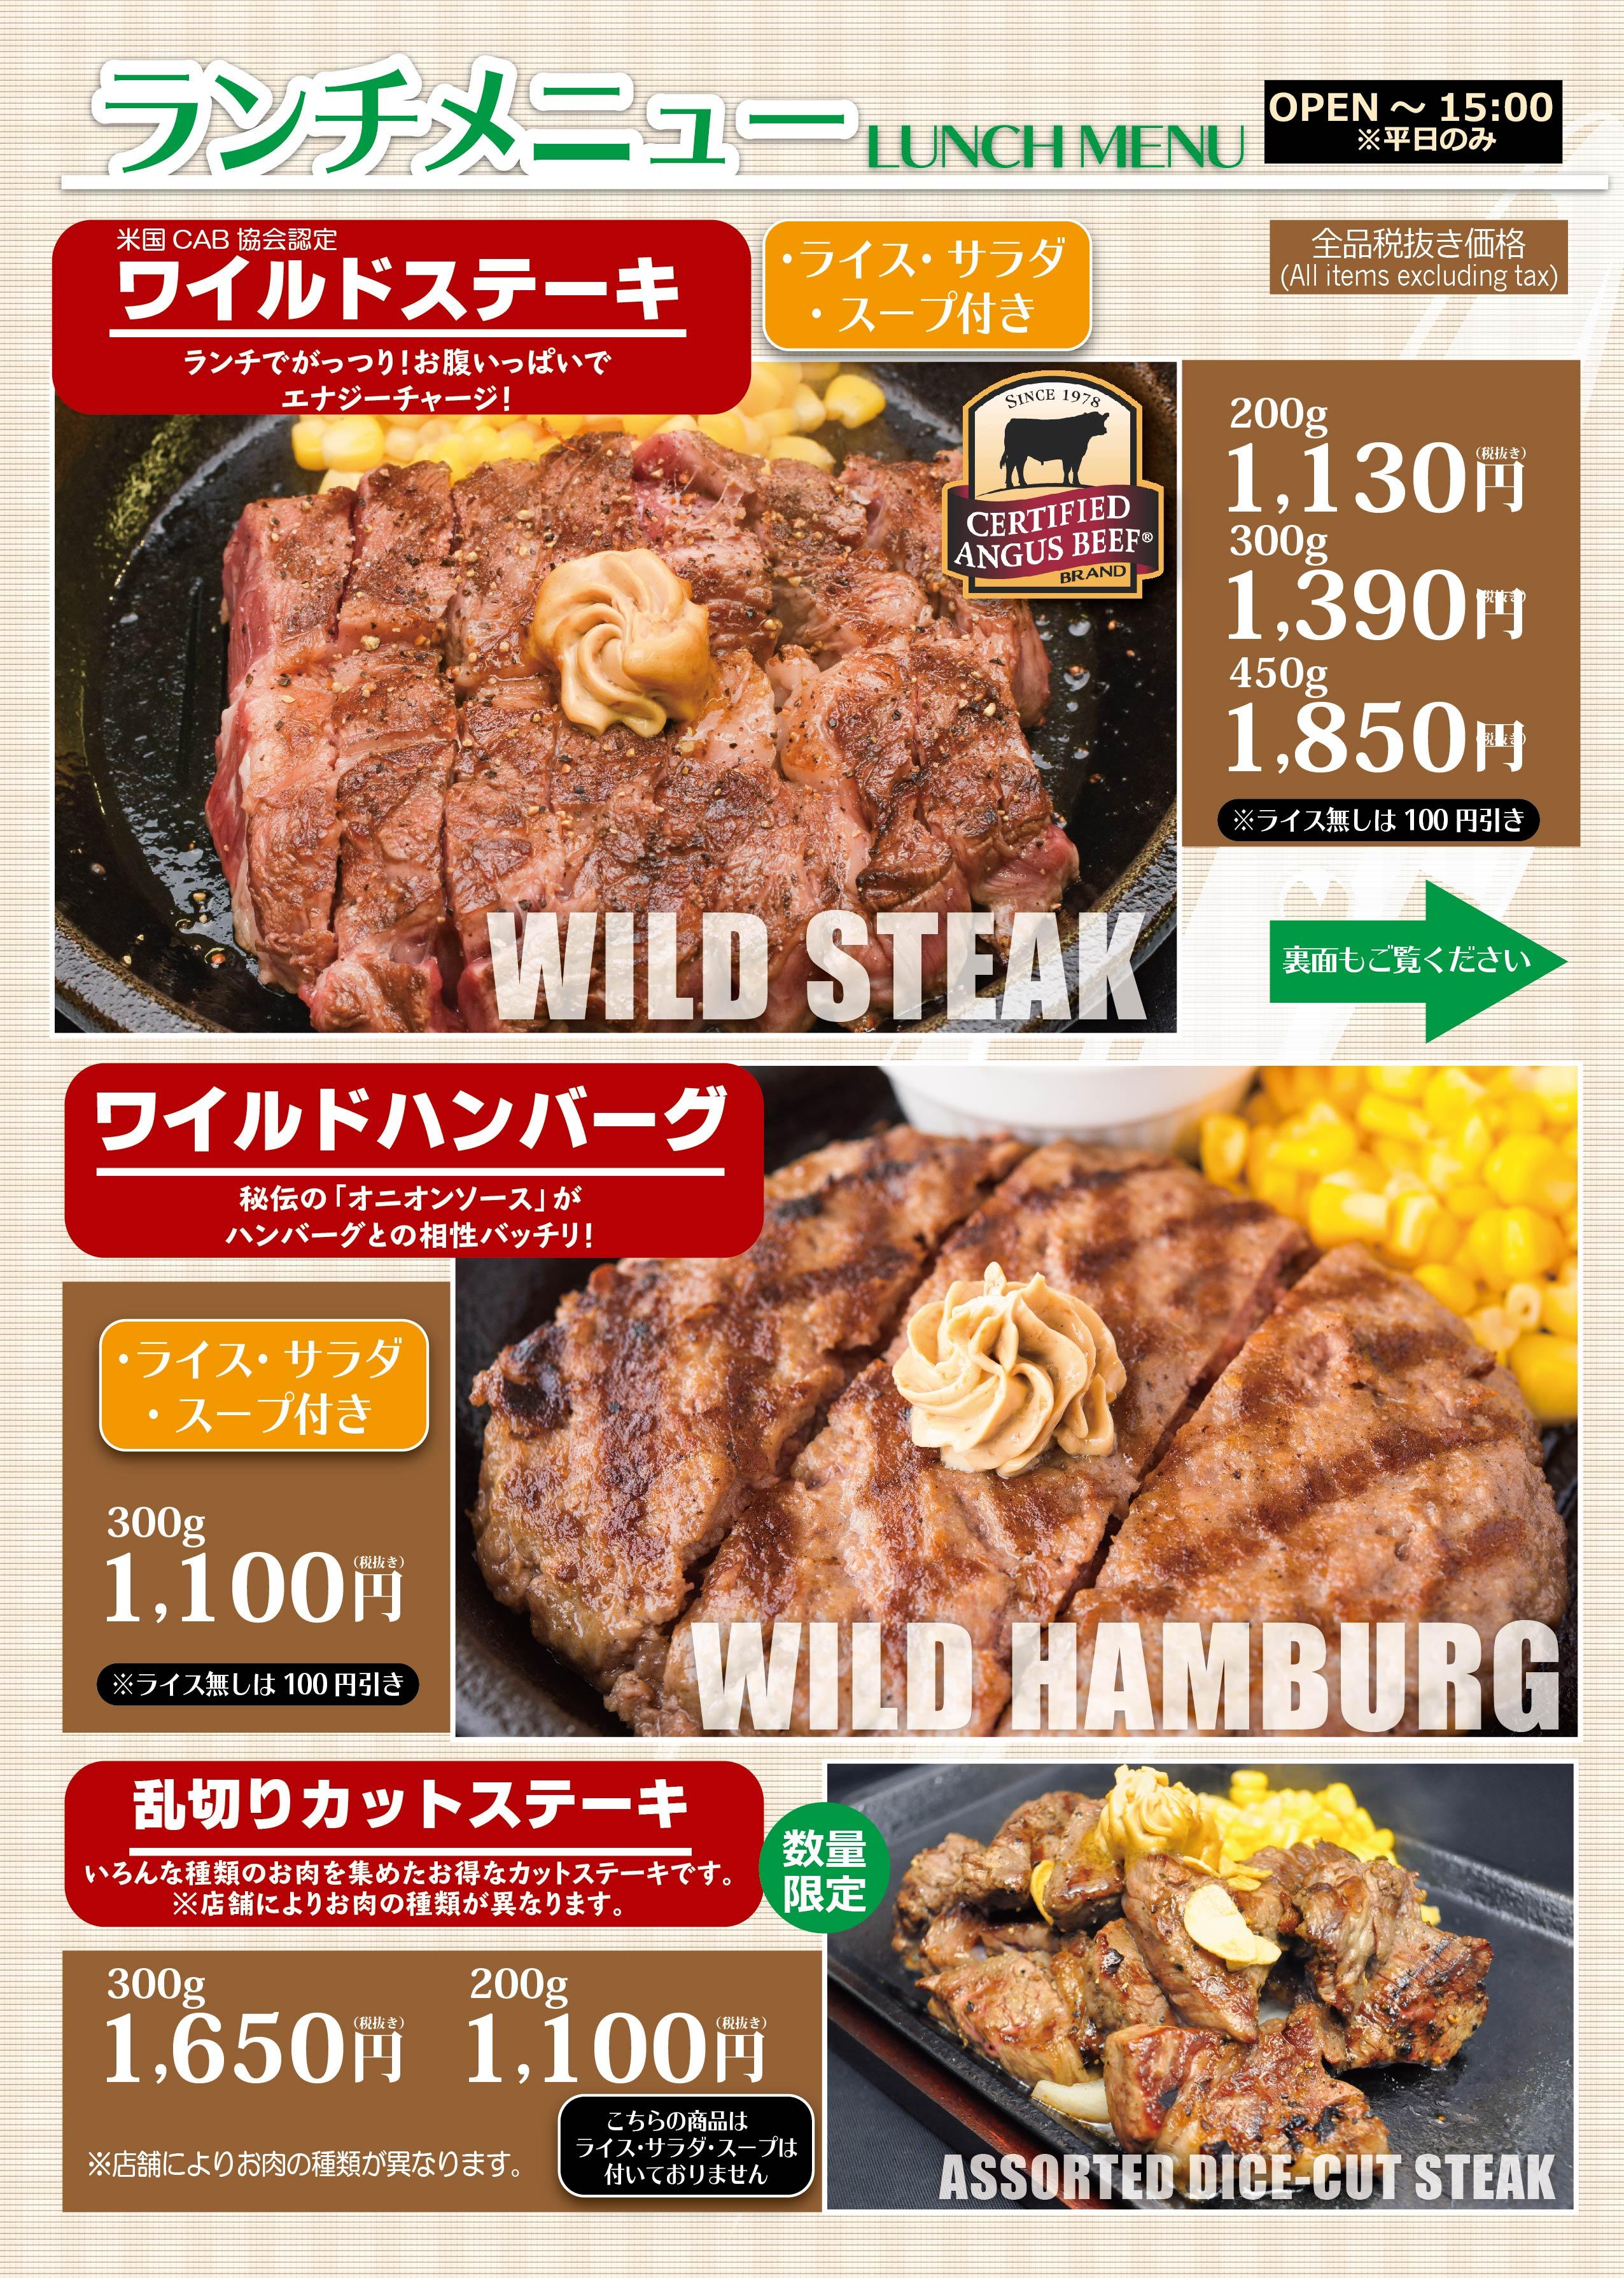 いきなりステーキ名取 ランチメニュー1